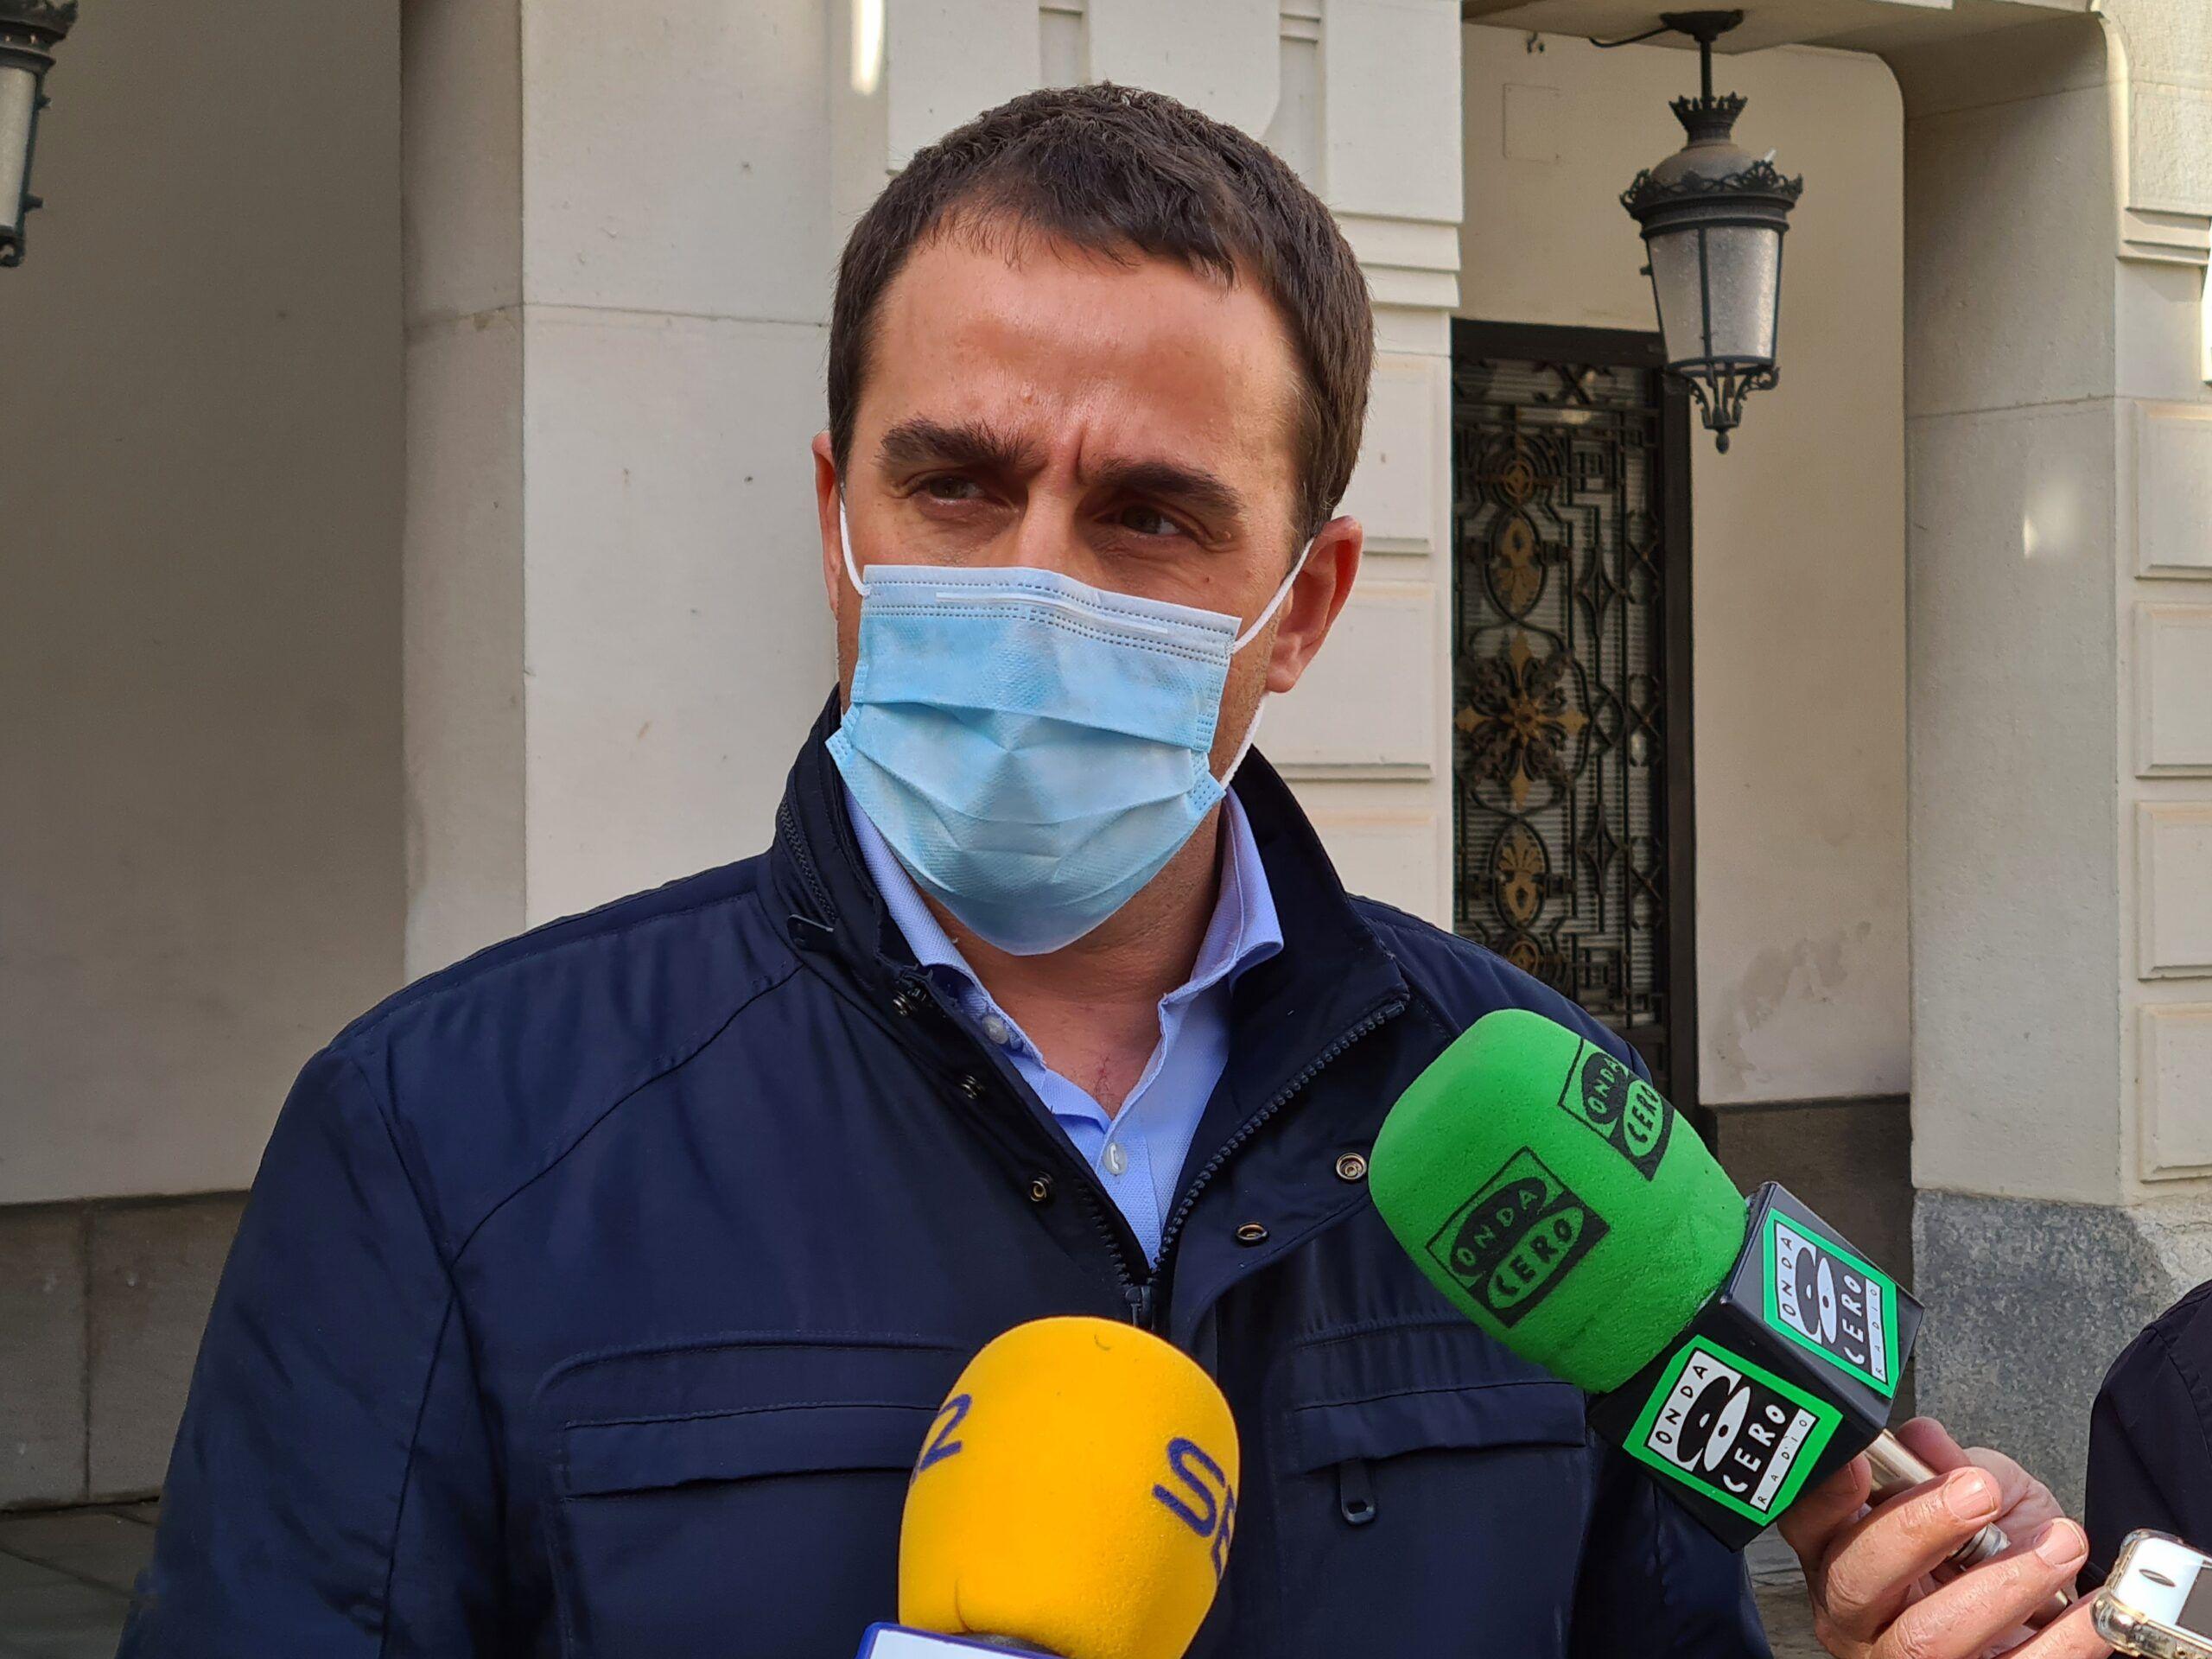 El Ayuntamiento de Guadalajara priorizó la salud e higiene en los colegios de la Capitalen la etapa más dura de la pandemia